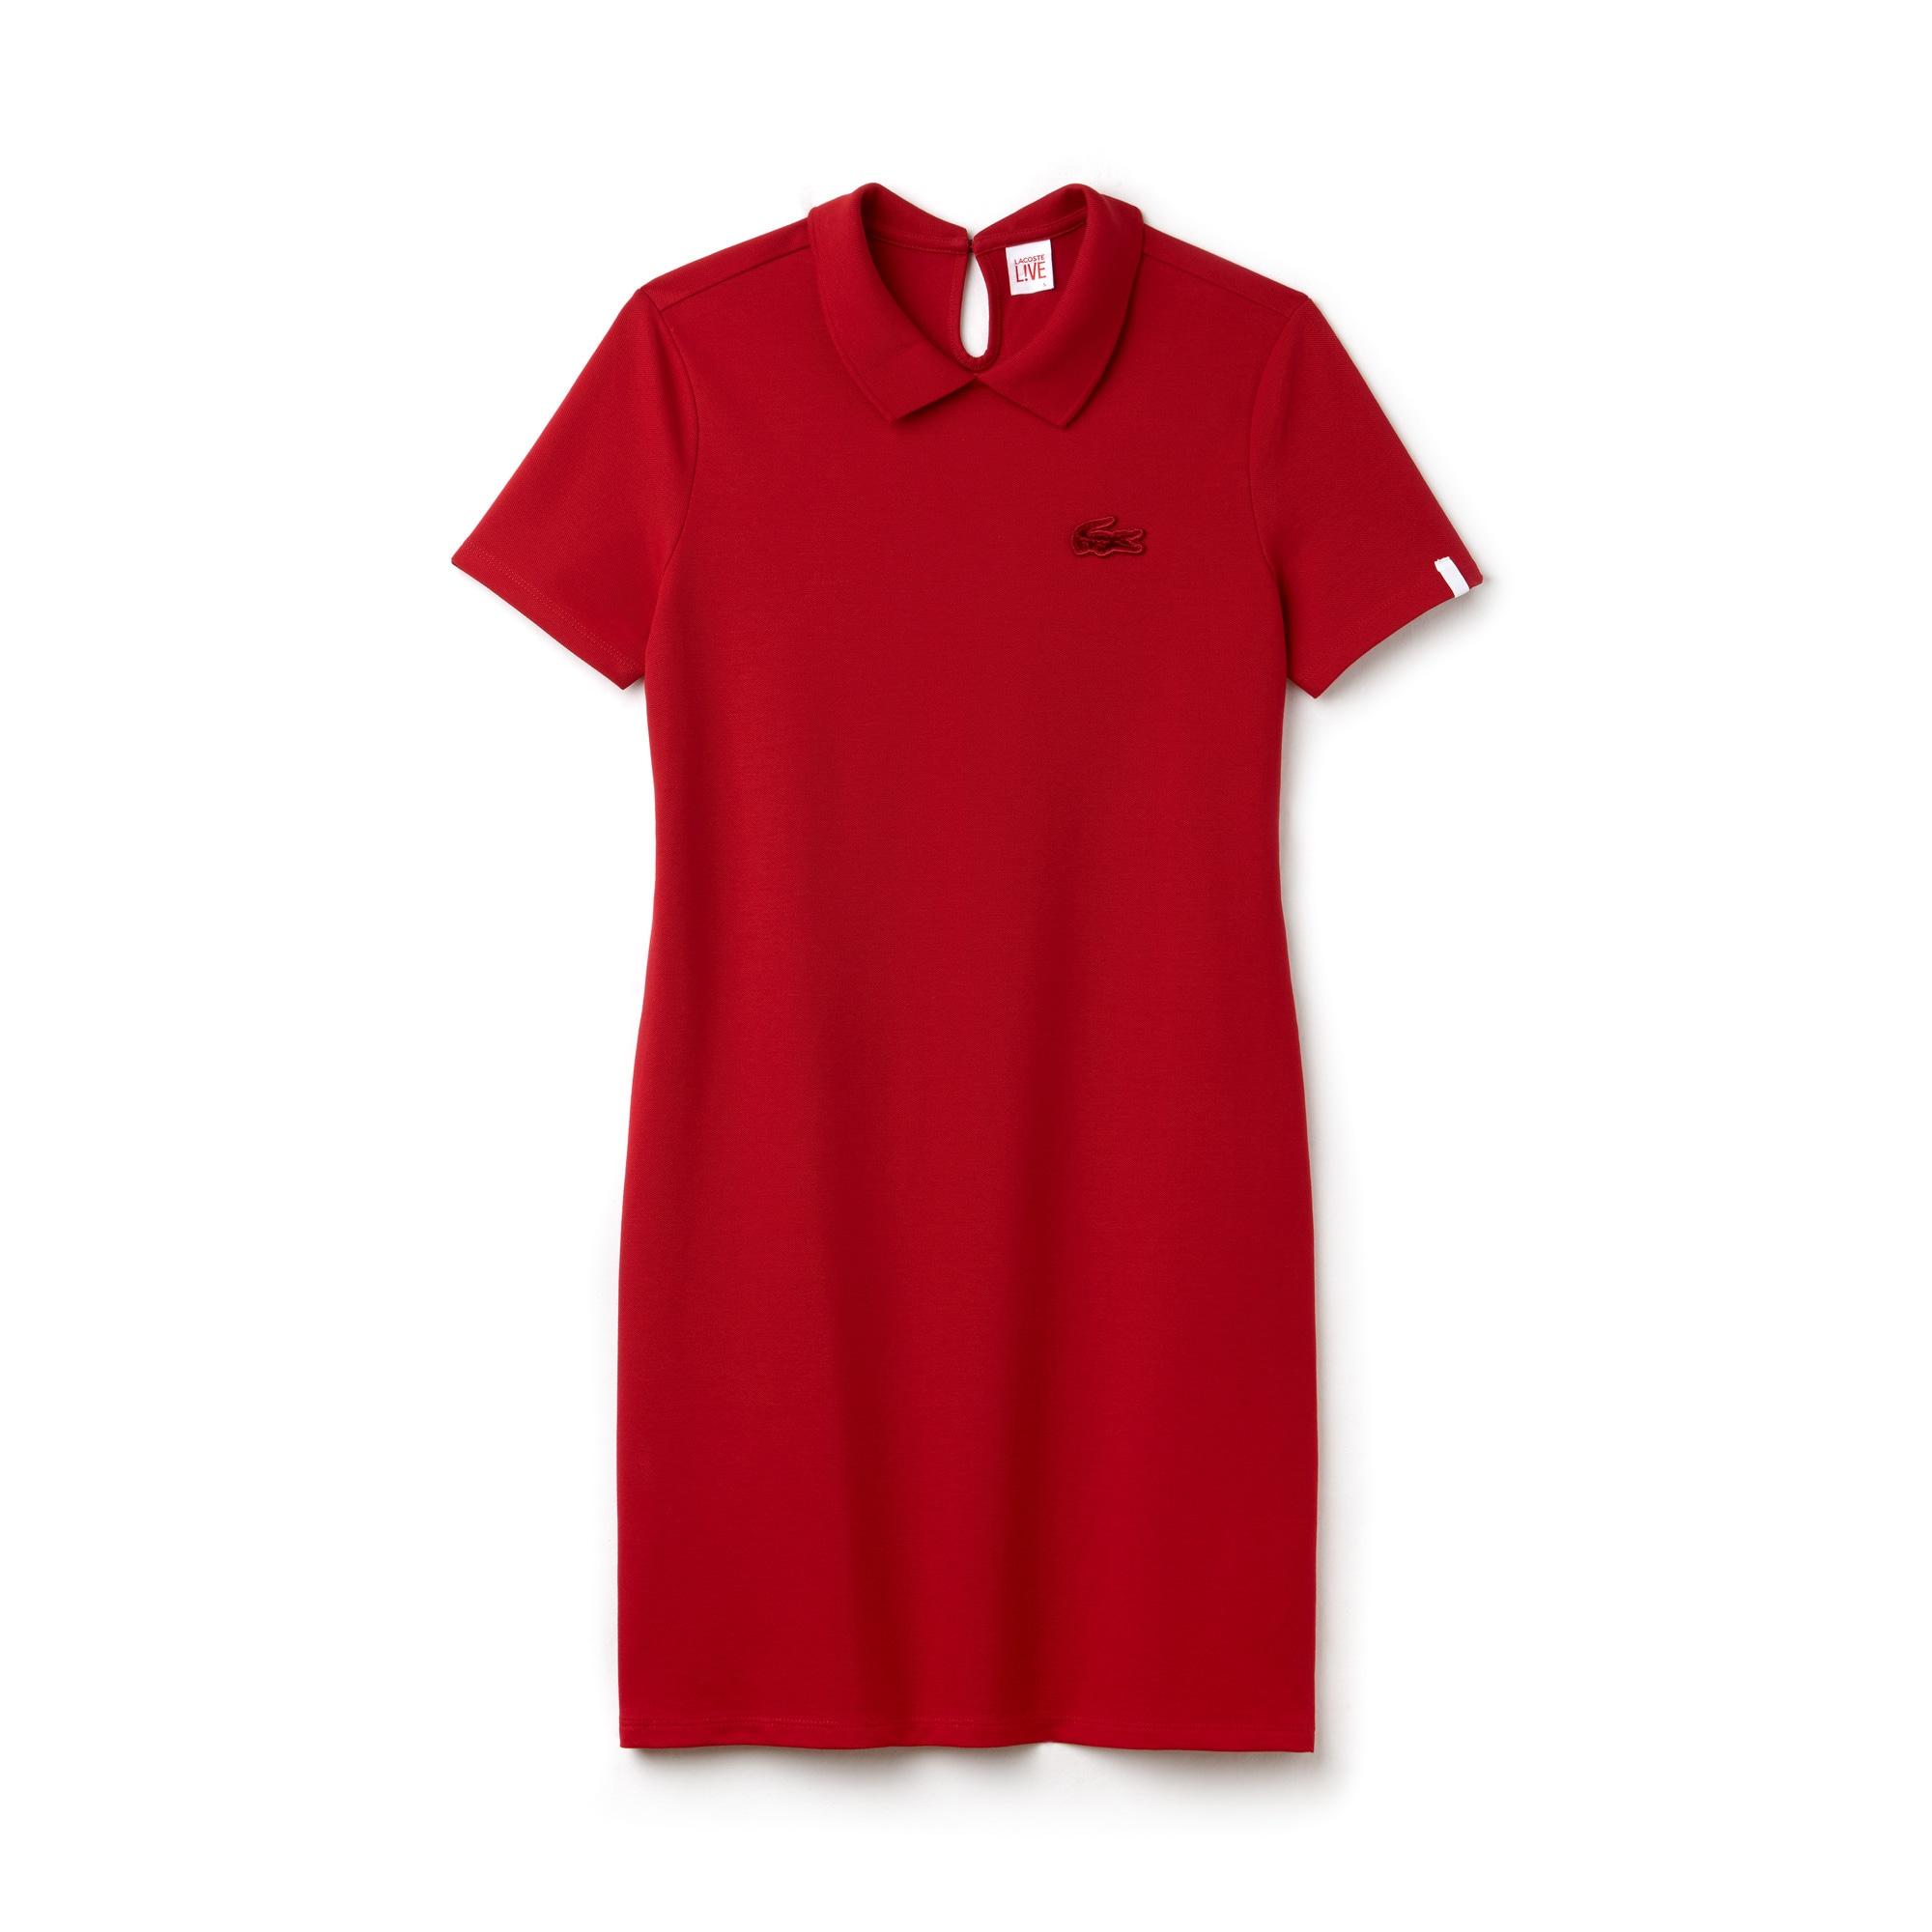 فستان بولو نسائي مع فتحة من الخلف من ميني بيكيه مطّاطي